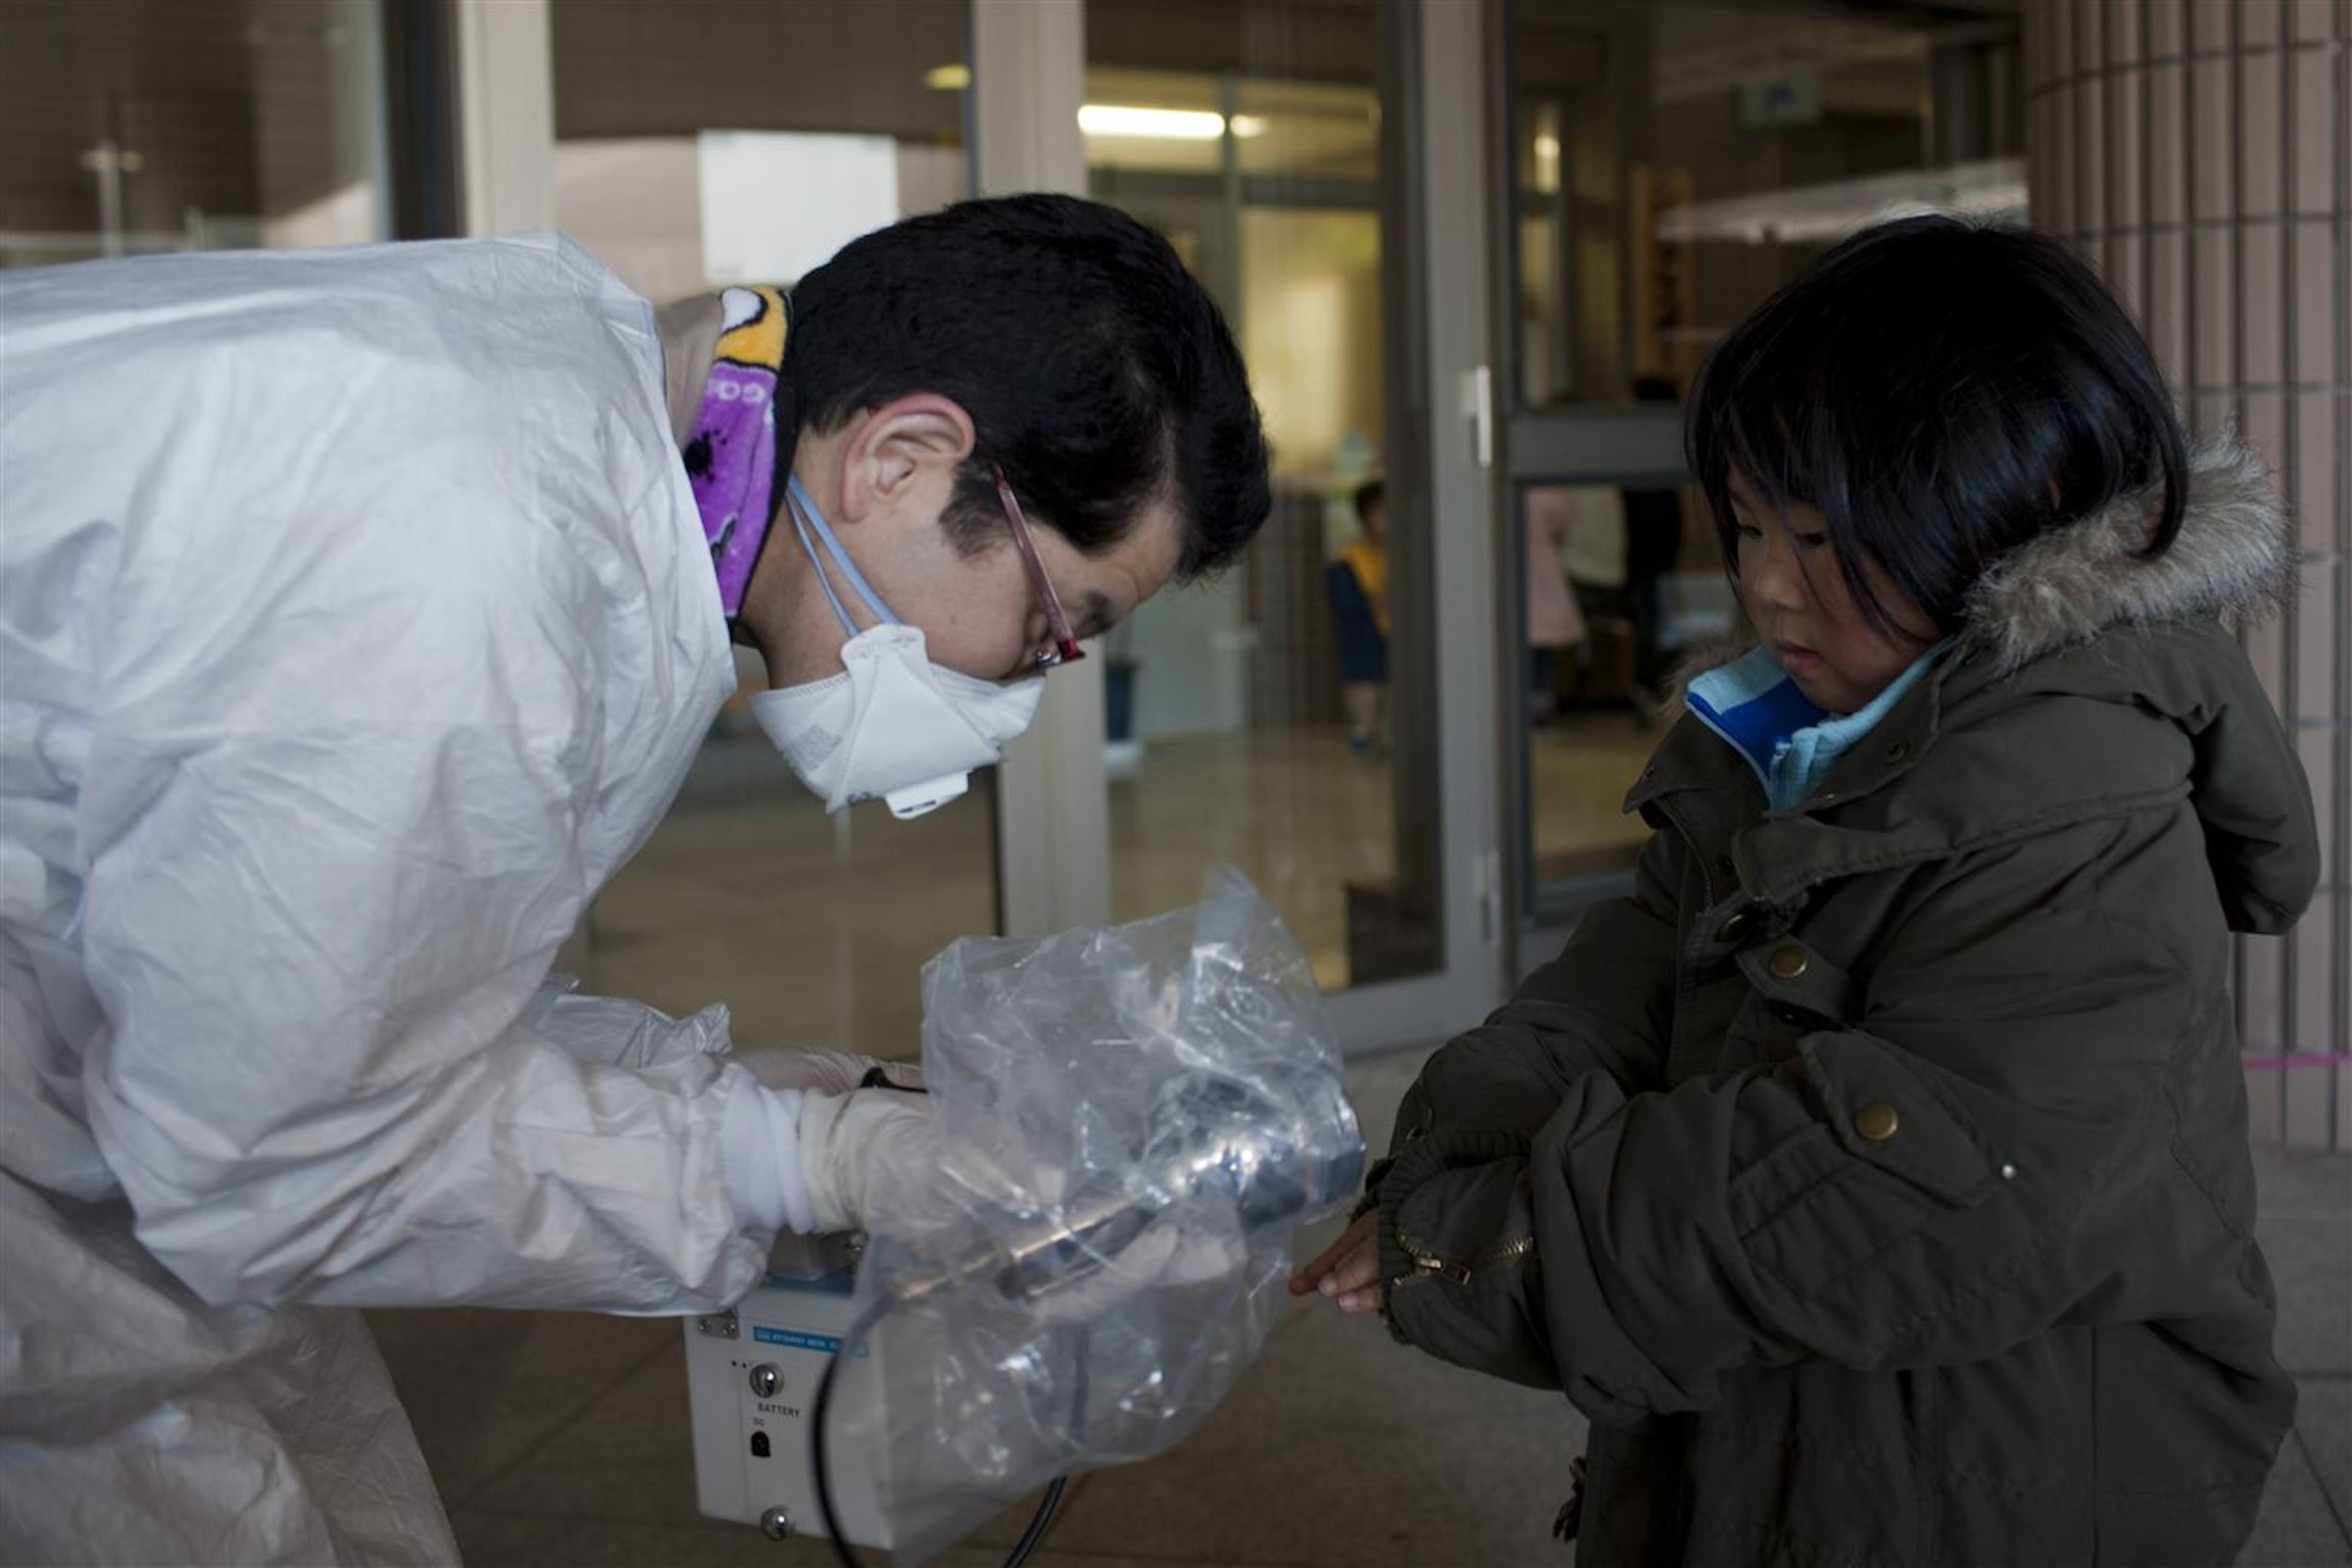 Test di radioattività prima dell'evacuazione per una bambina che abita nei dintorni delle centrali nucleari di Fukushima (Giappone) - ©UNICEF/NYHQ2011-0433/Adam Dean